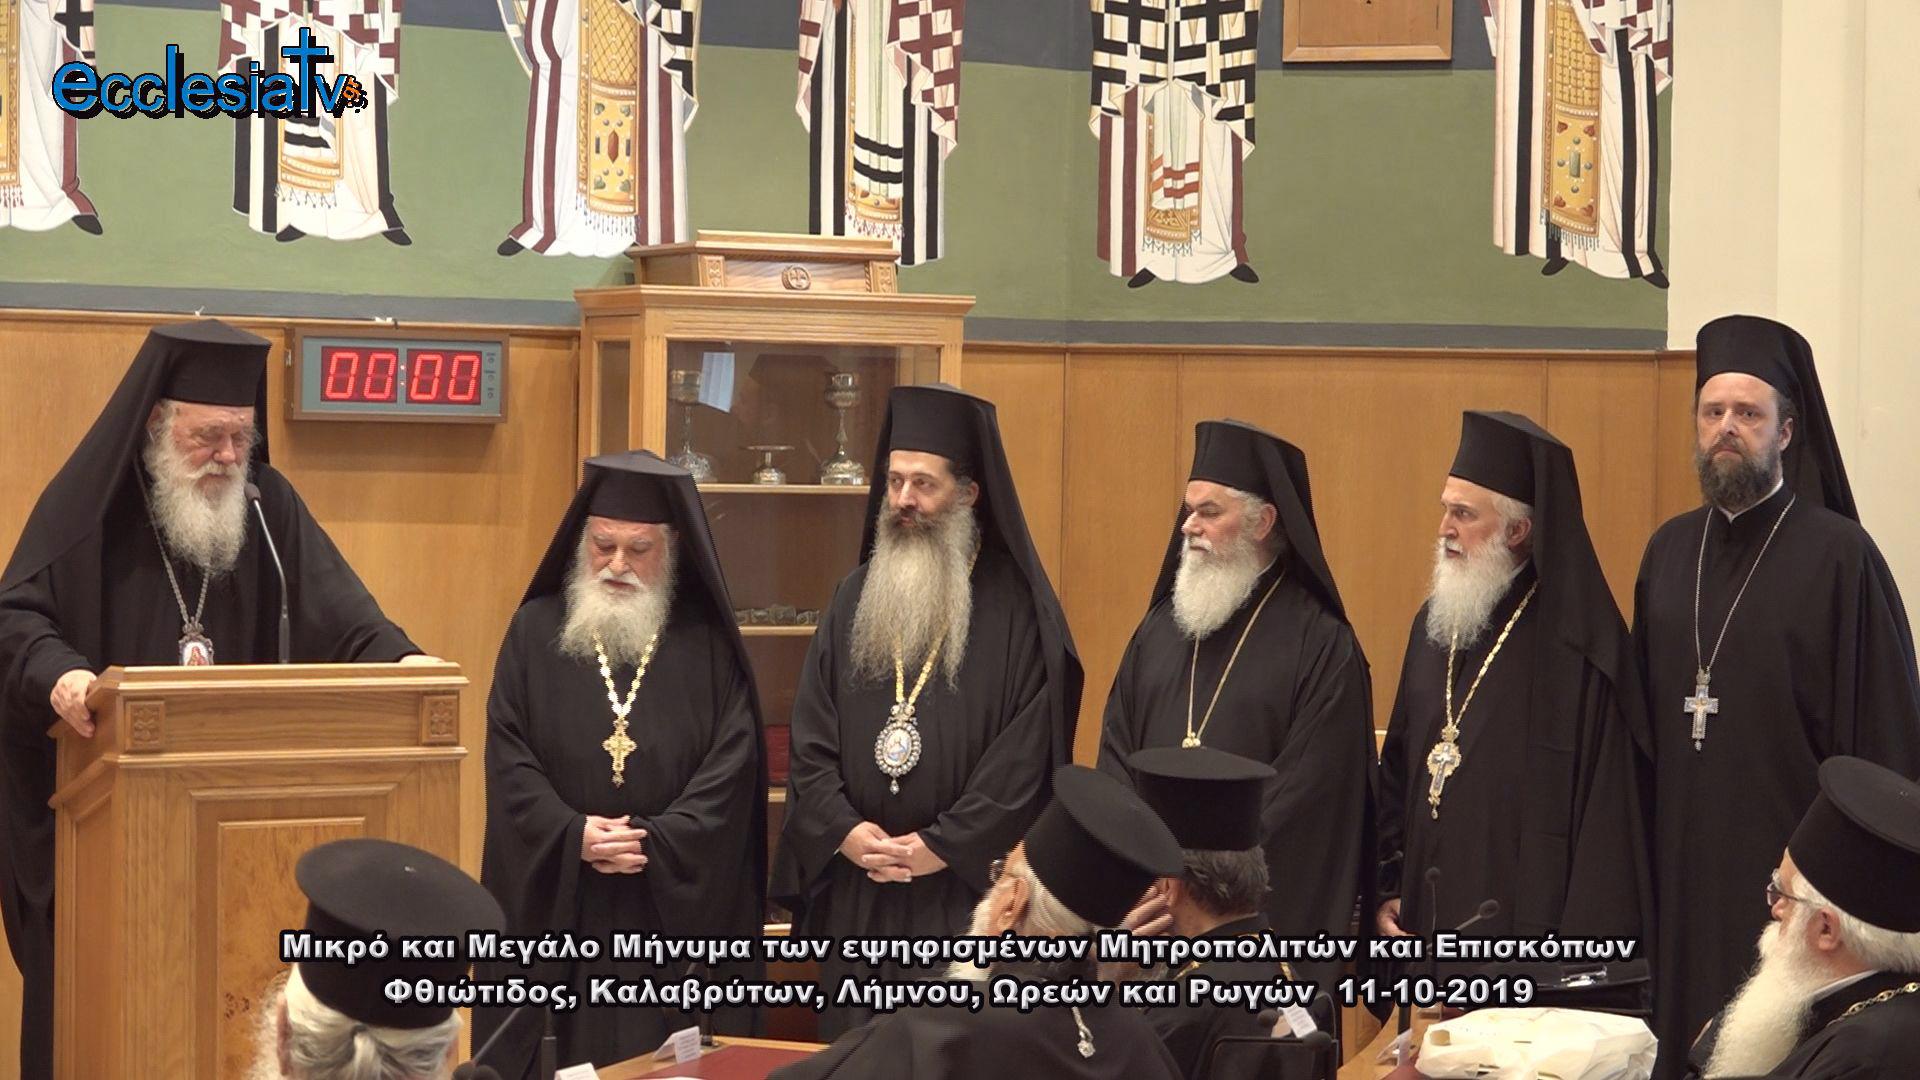 Μικρό και Μεγάλο Μήνυμα των εψηφισμένων Μητροπολιτών και Επισκόπων Φθιώτιδος, Καλαβρύτων, Λήμνου, Ωρεών και Ρωγών  11-10-2019